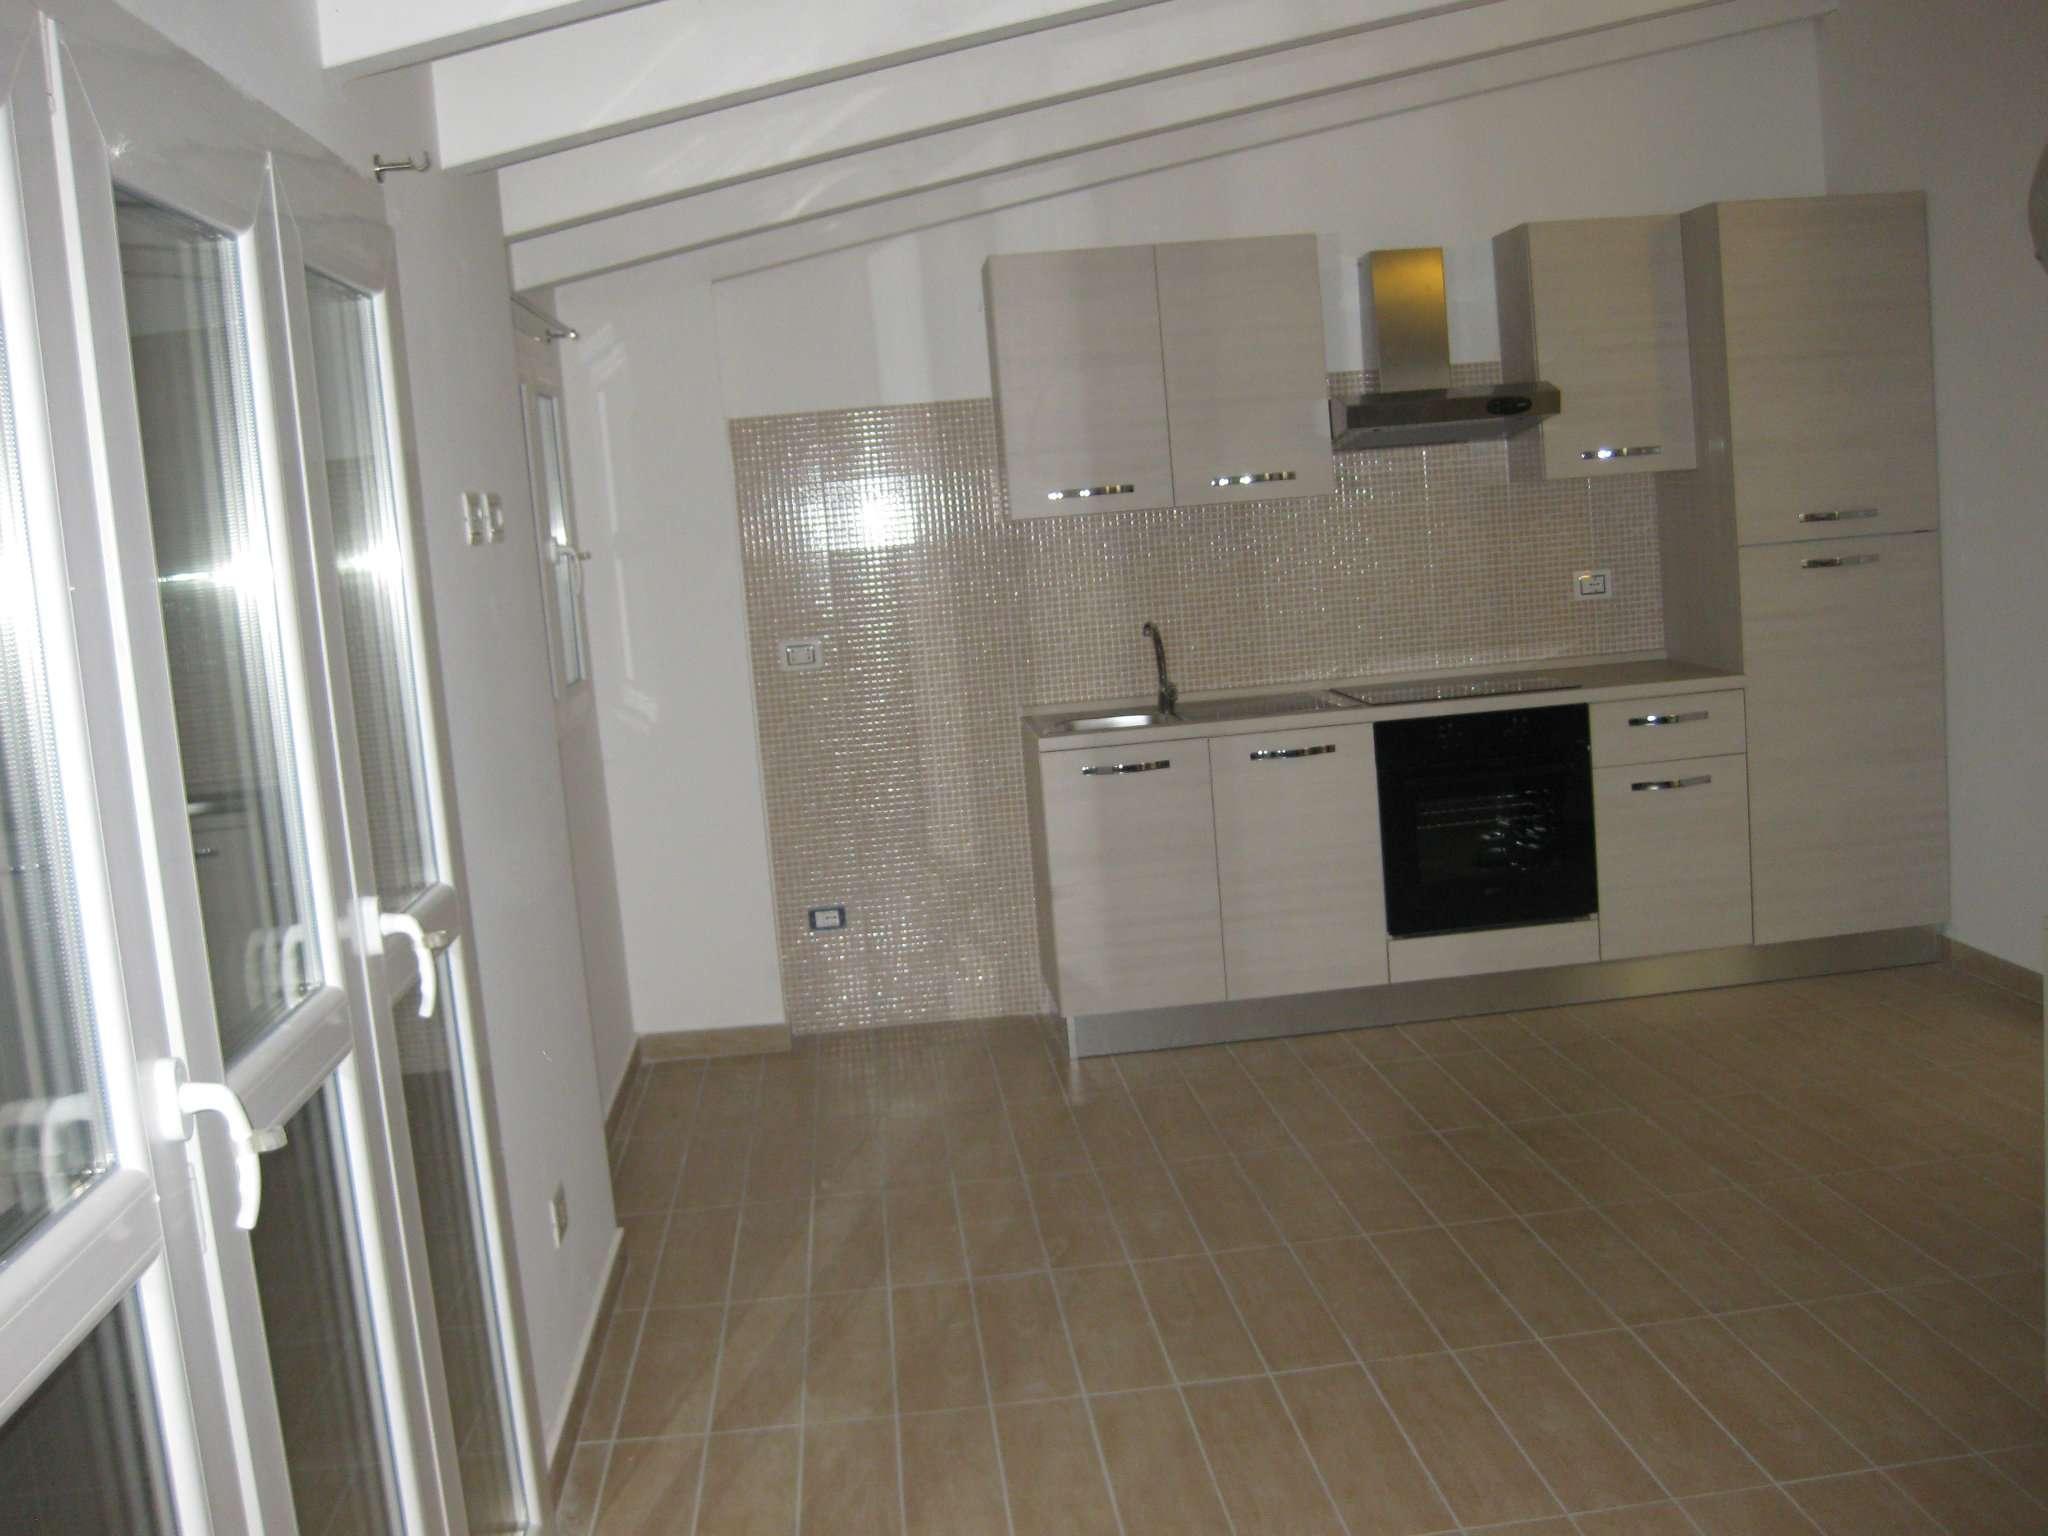 Attico / Mansarda in affitto a Limbiate, 2 locali, prezzo € 600 | Cambio Casa.it